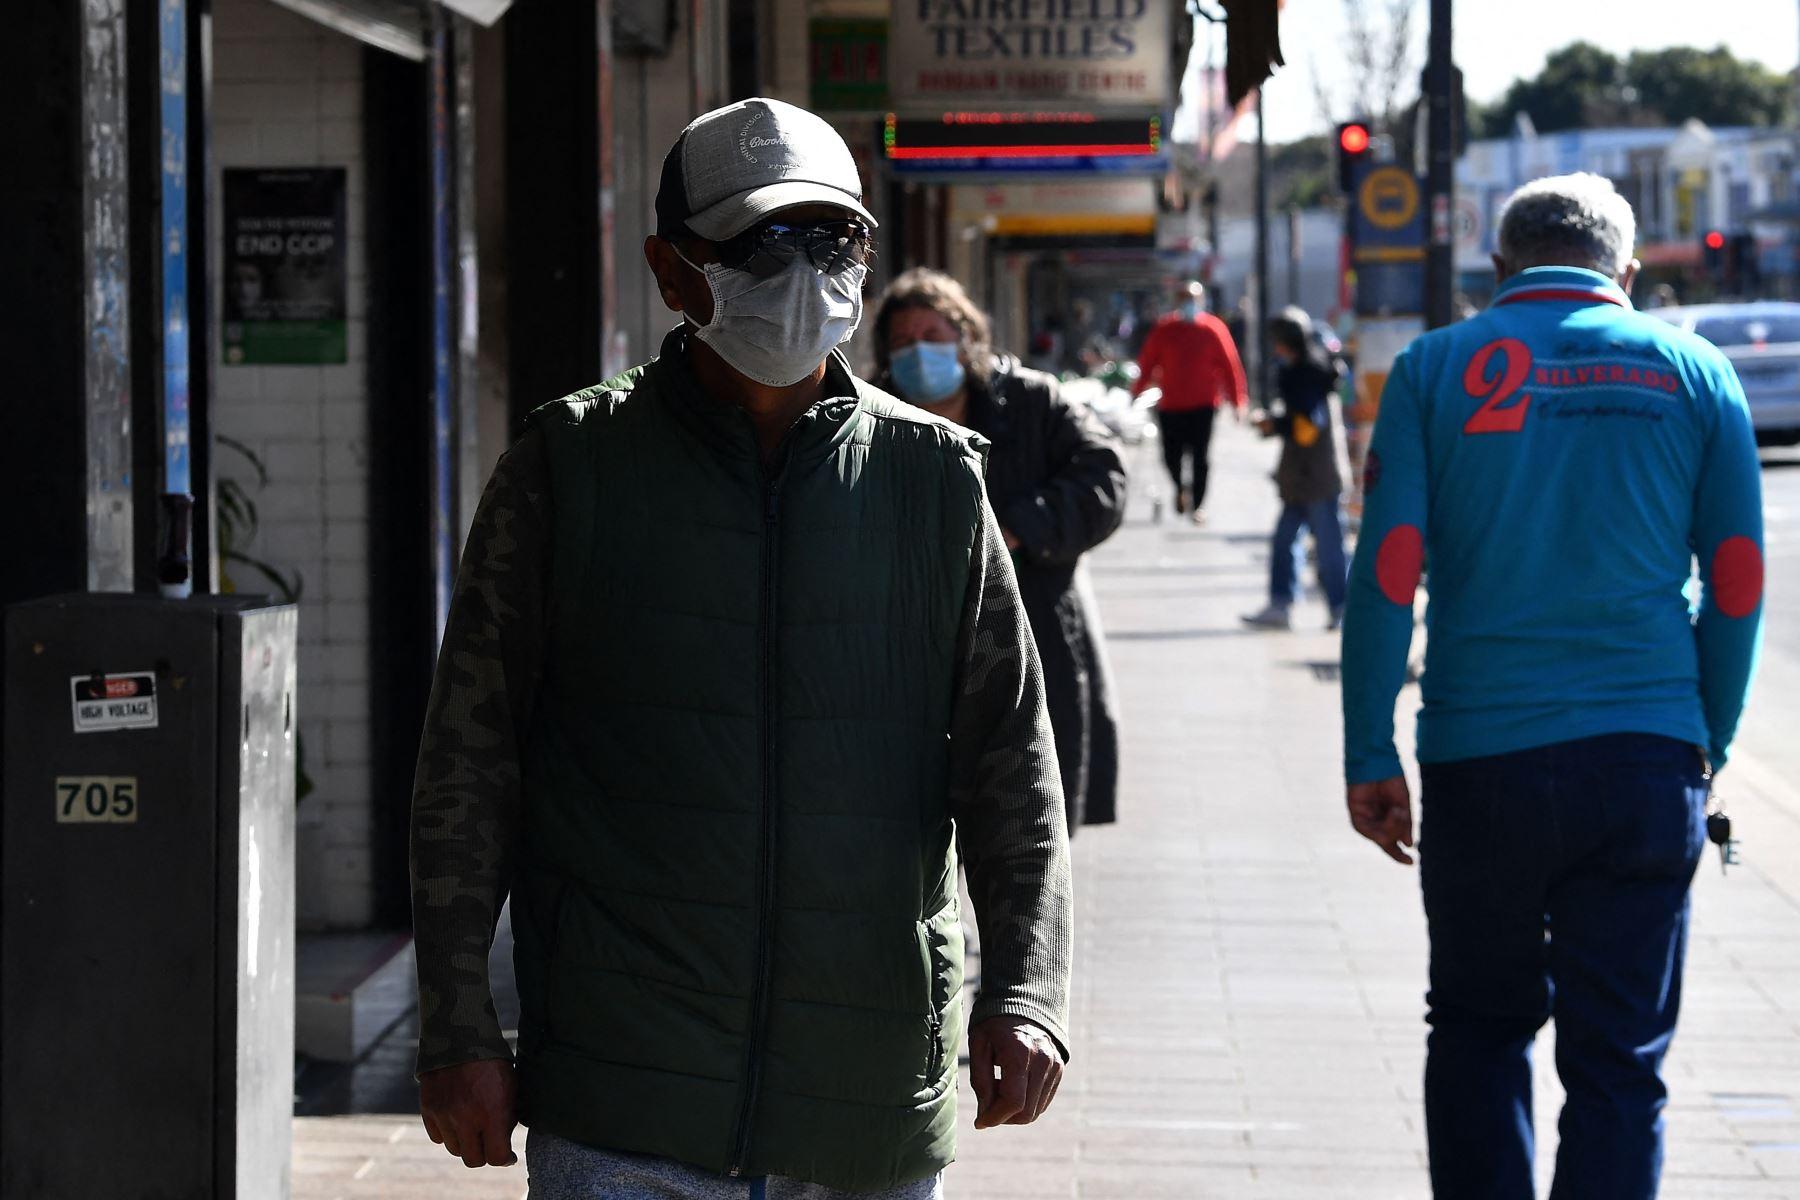 Los residentes caminan por una calle en el suburbio de Fairfield en Sydney, durante el bloqueo prolongado del coronavirus Covid-19 de la ciudad. Foto: AFP